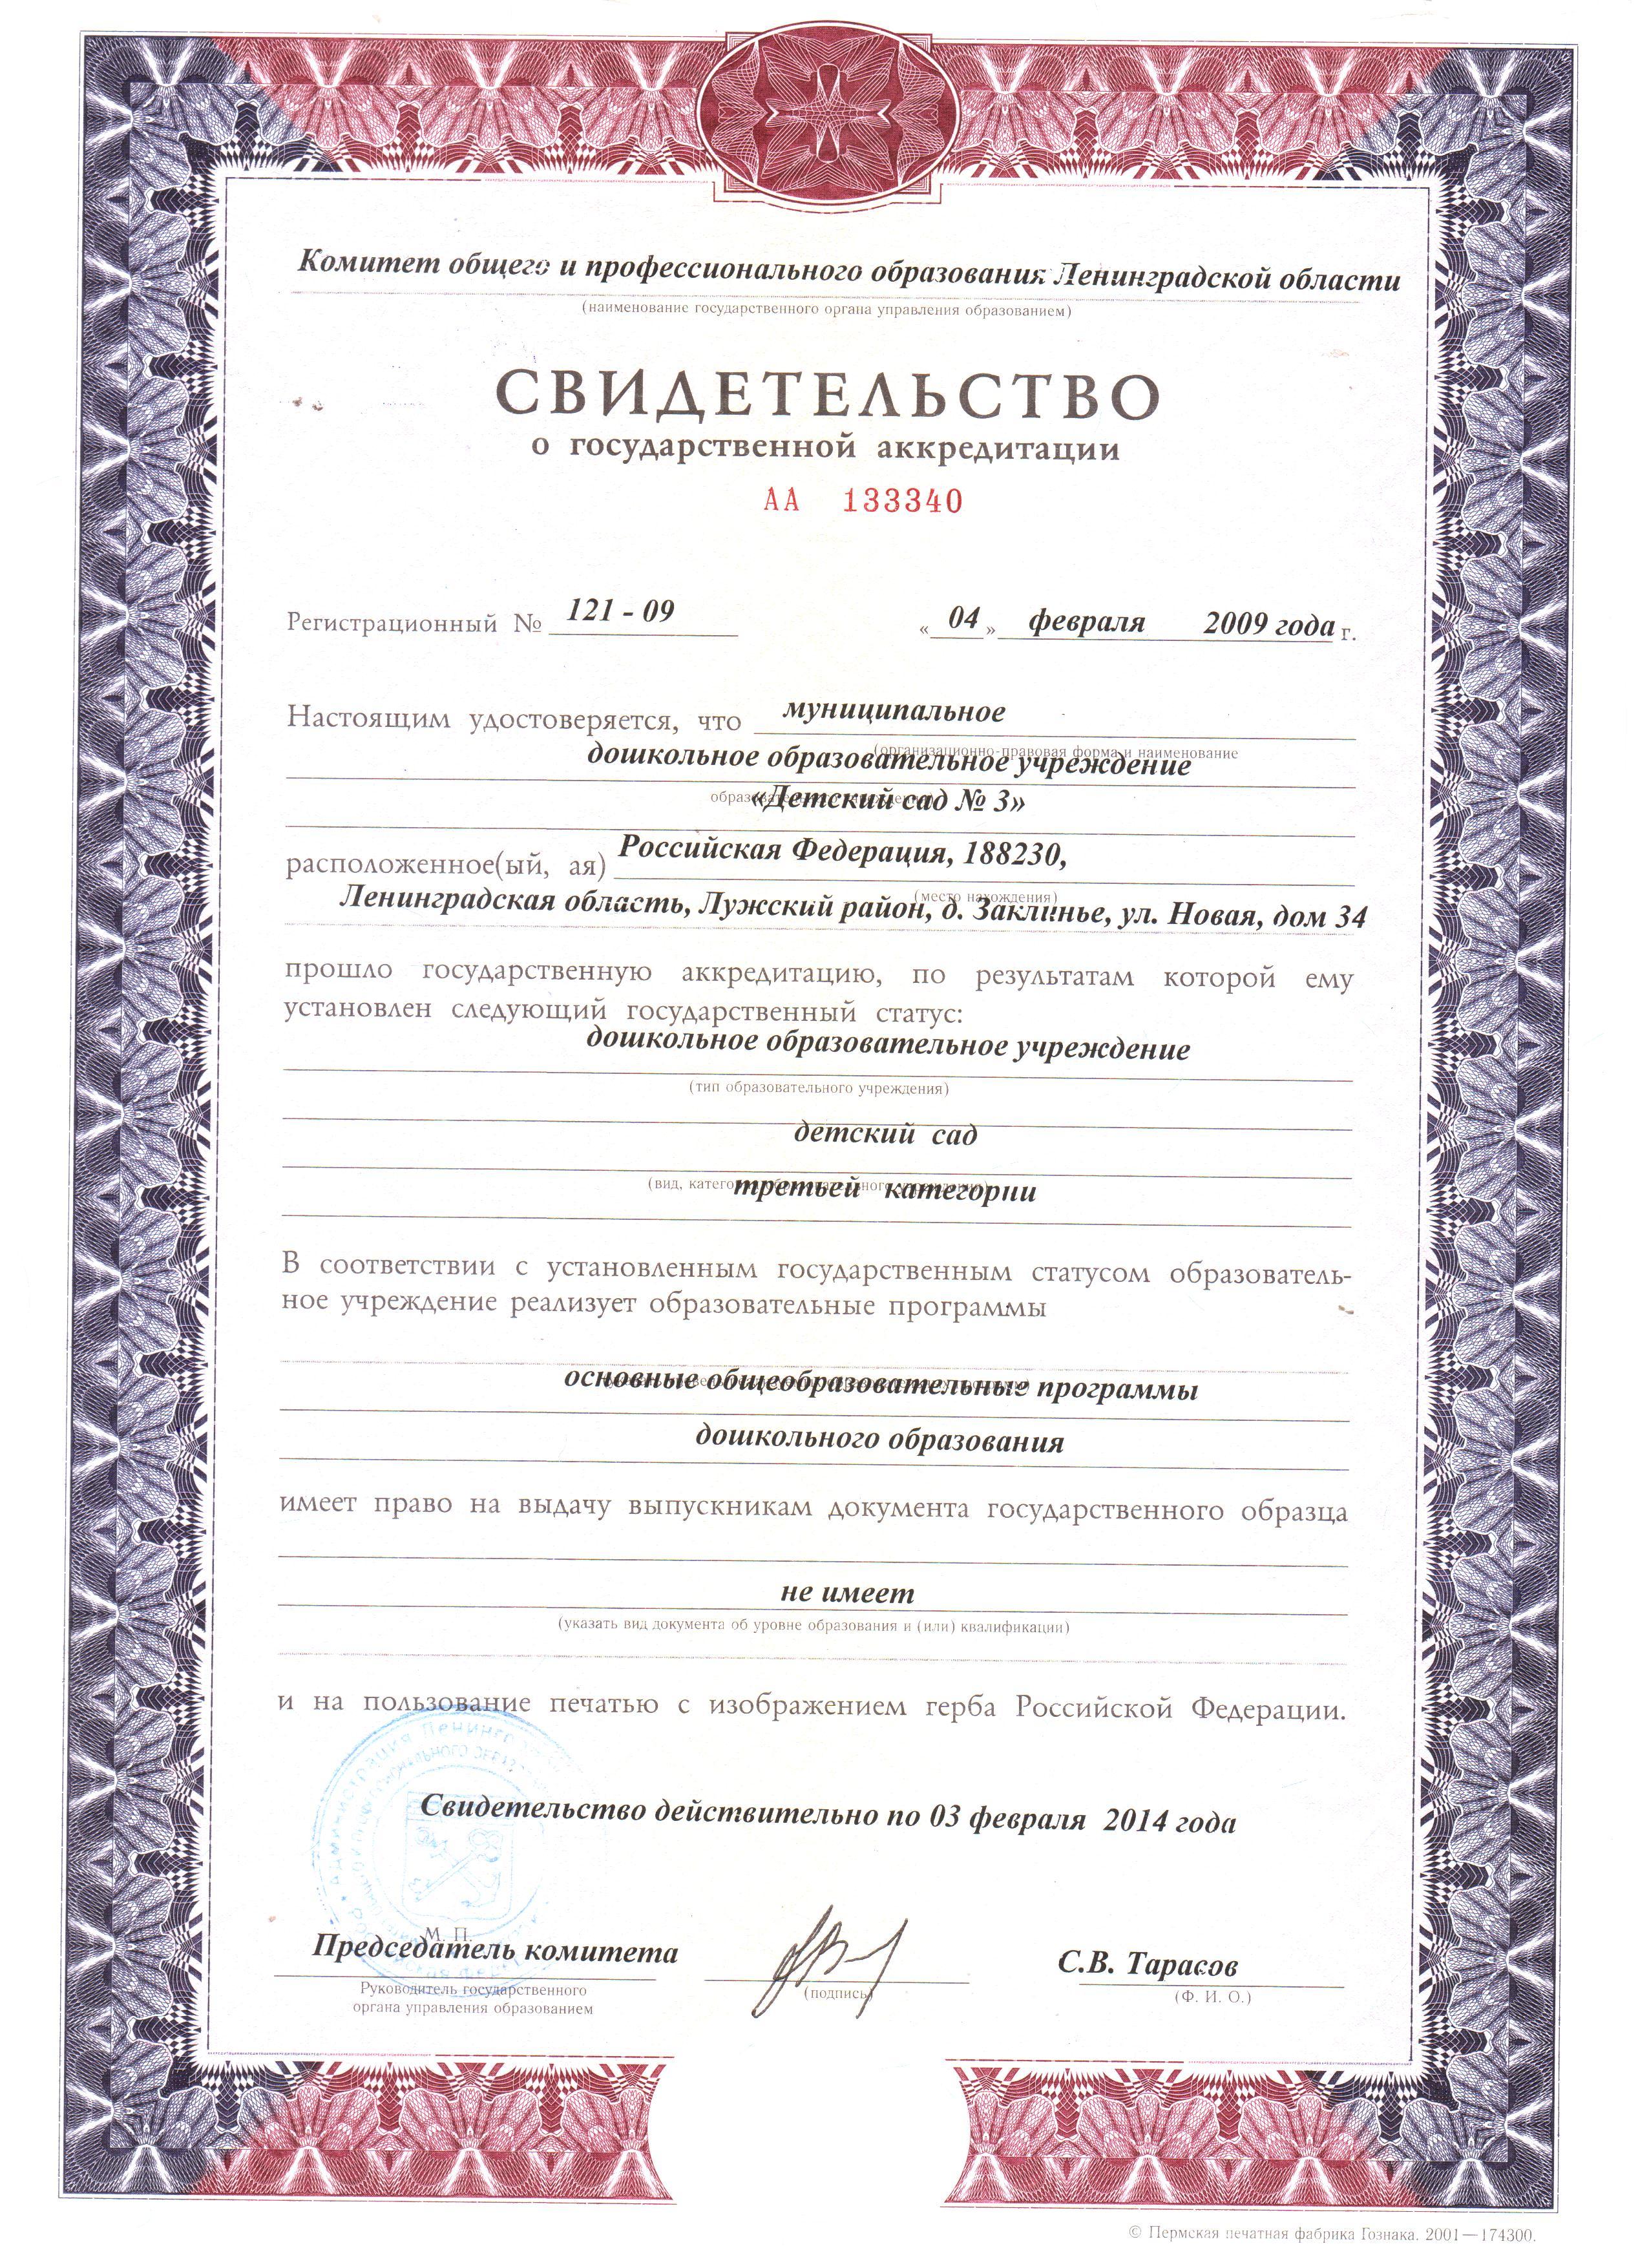 Аккредитация военного представительства на предприятии заключалась особой